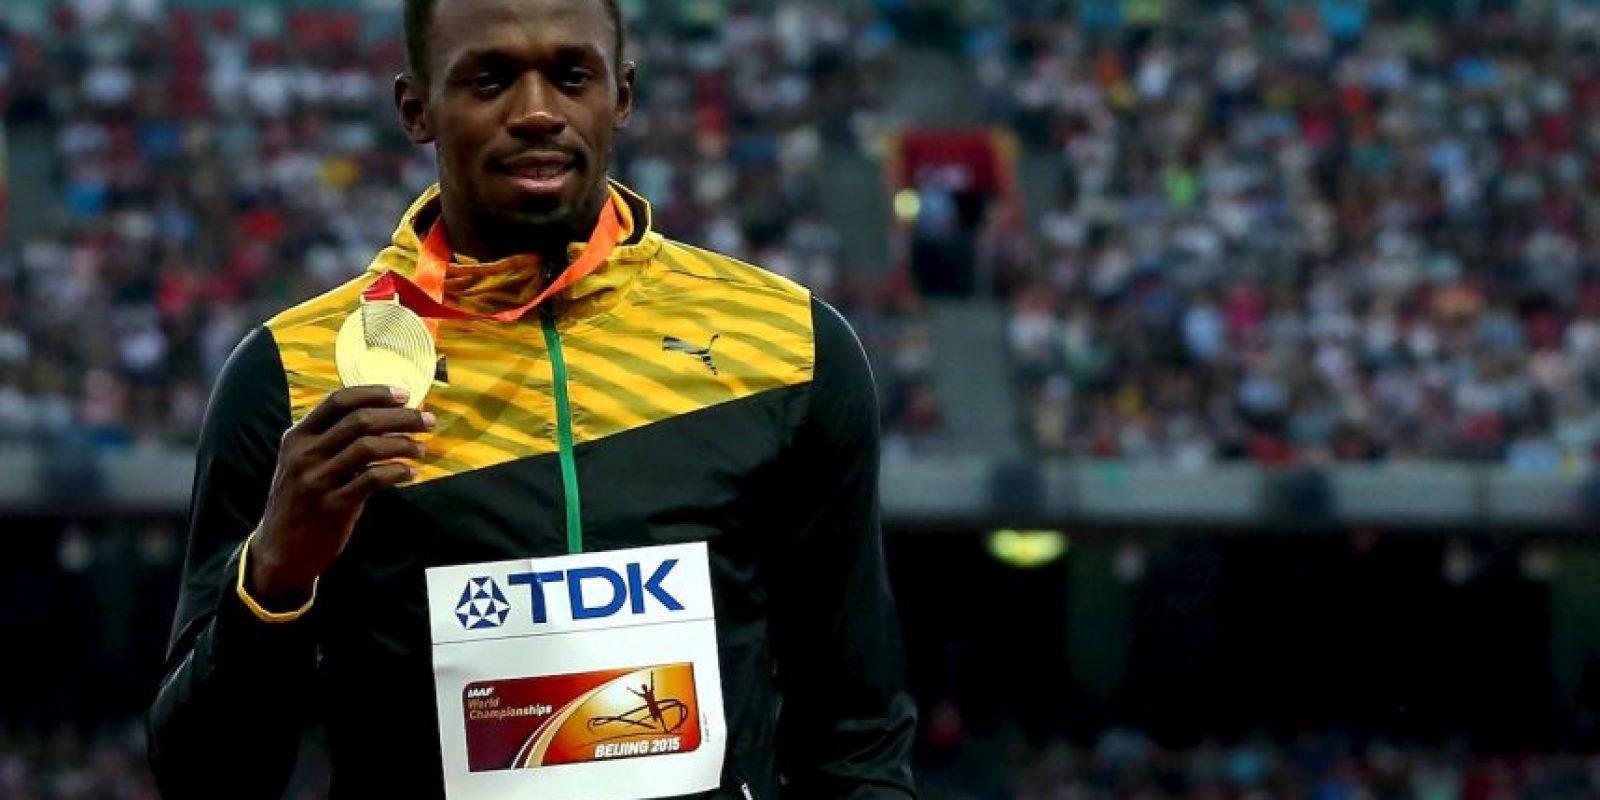 Sigue siendo el hombre más rápido del mundo Foto:Getty Images